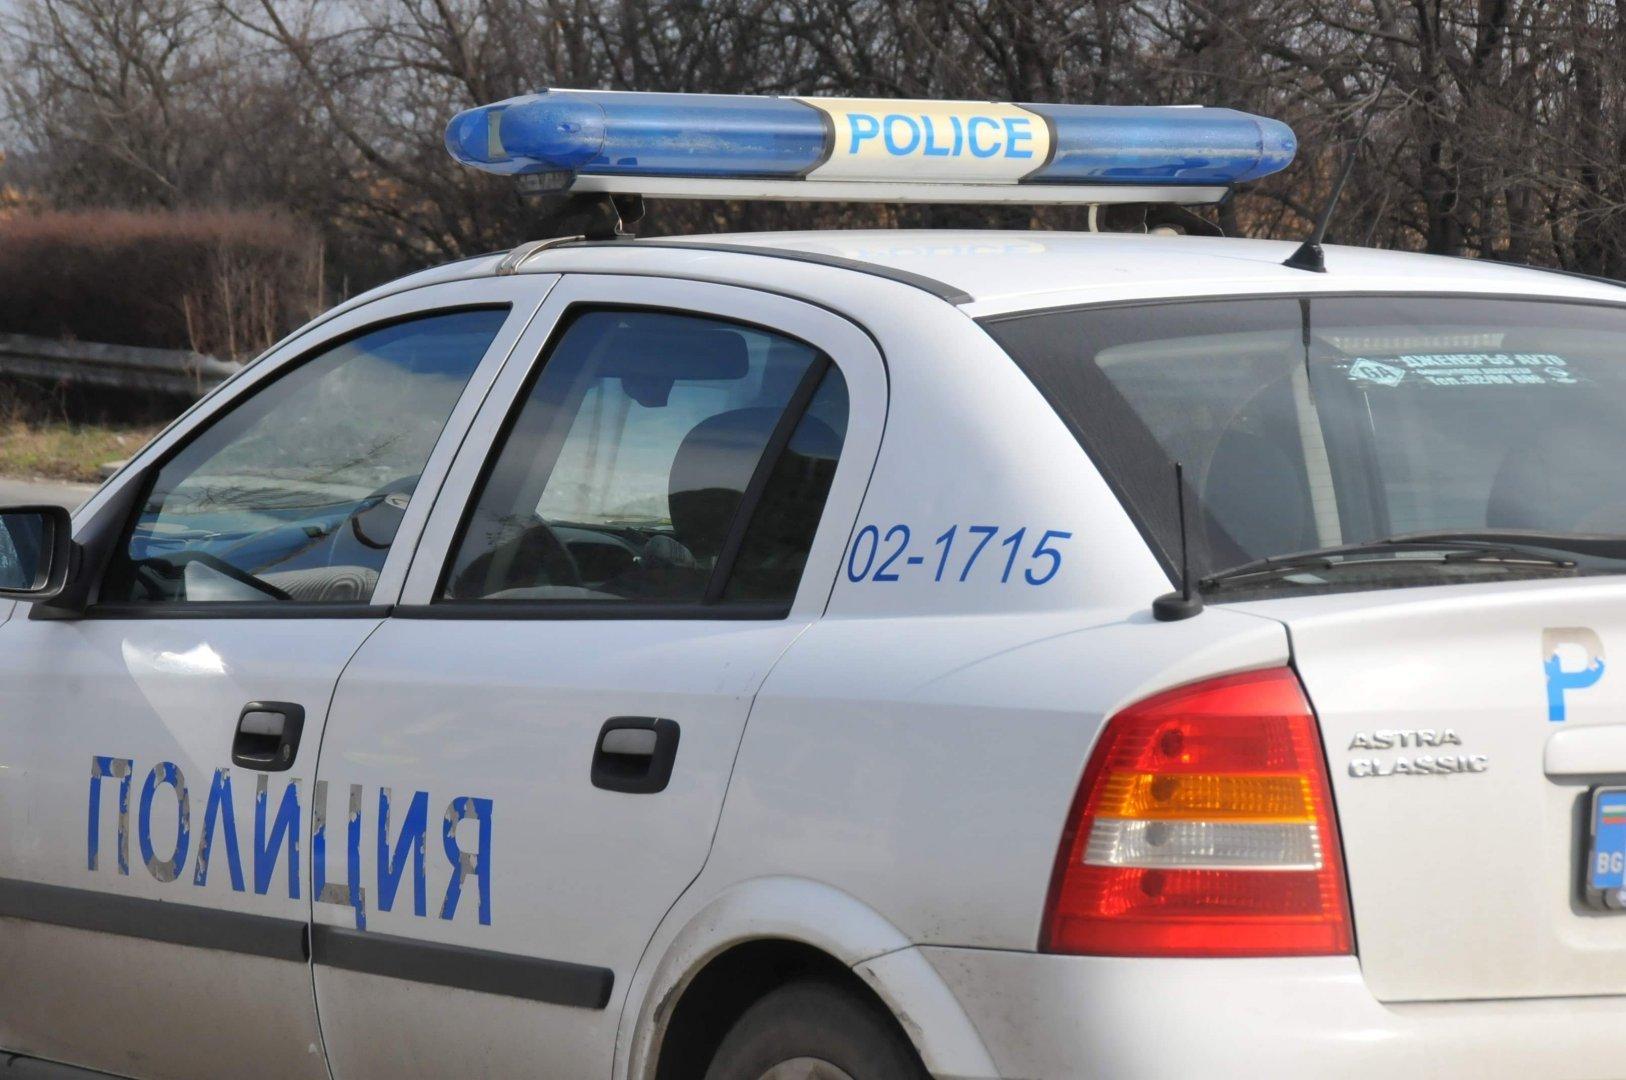 Работата по случая продължава от служители на Районно управление – Несебър. Снимка Архив Черноморие-бг